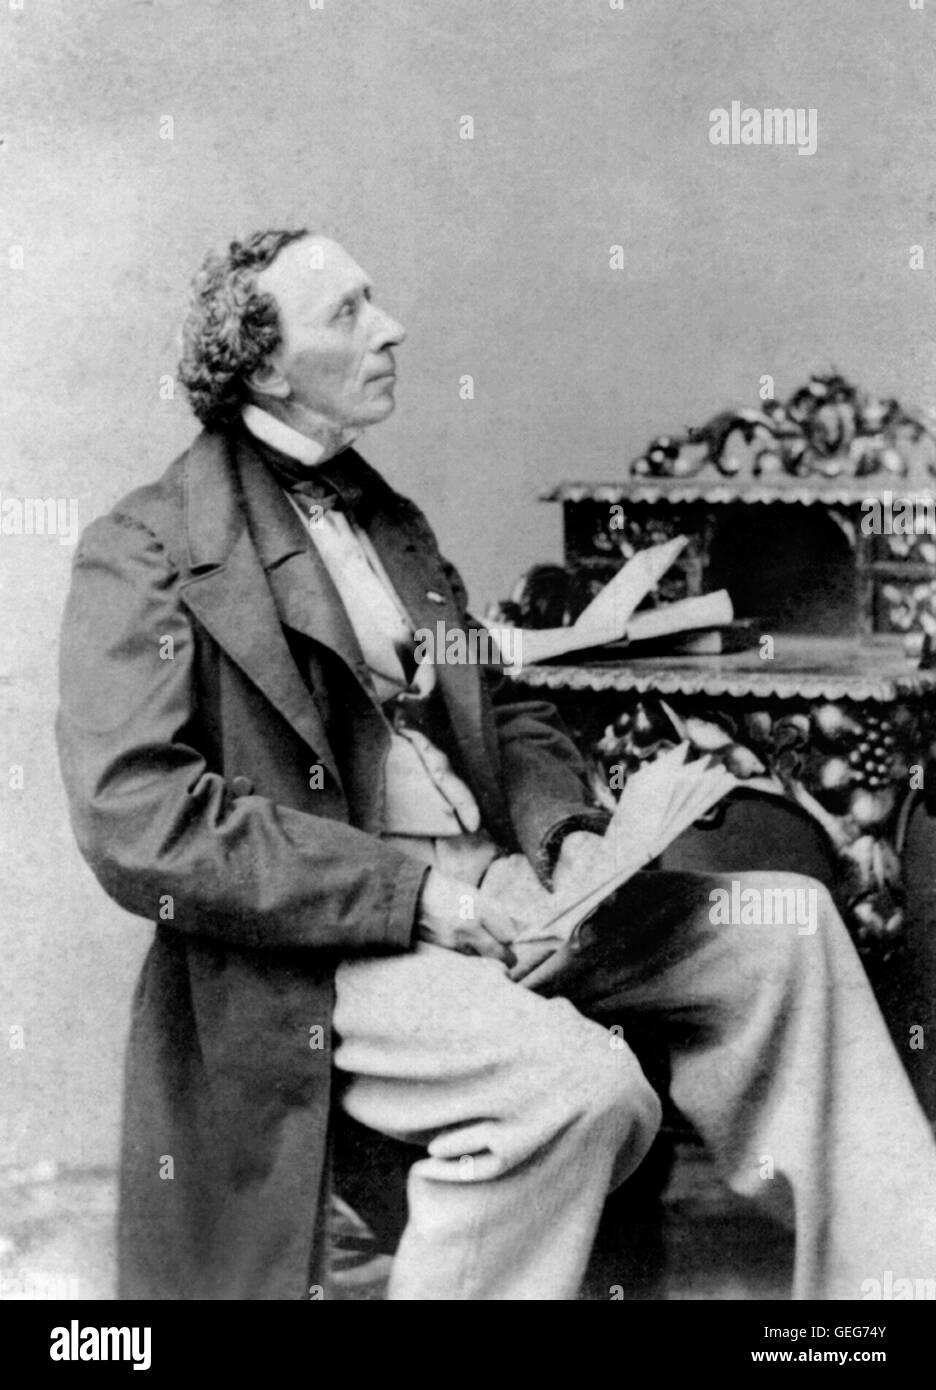 Hans Christian Andersen (1805-1875), l'auteur danois célèbre pour ses contes de fées. Photographie Photo Stock